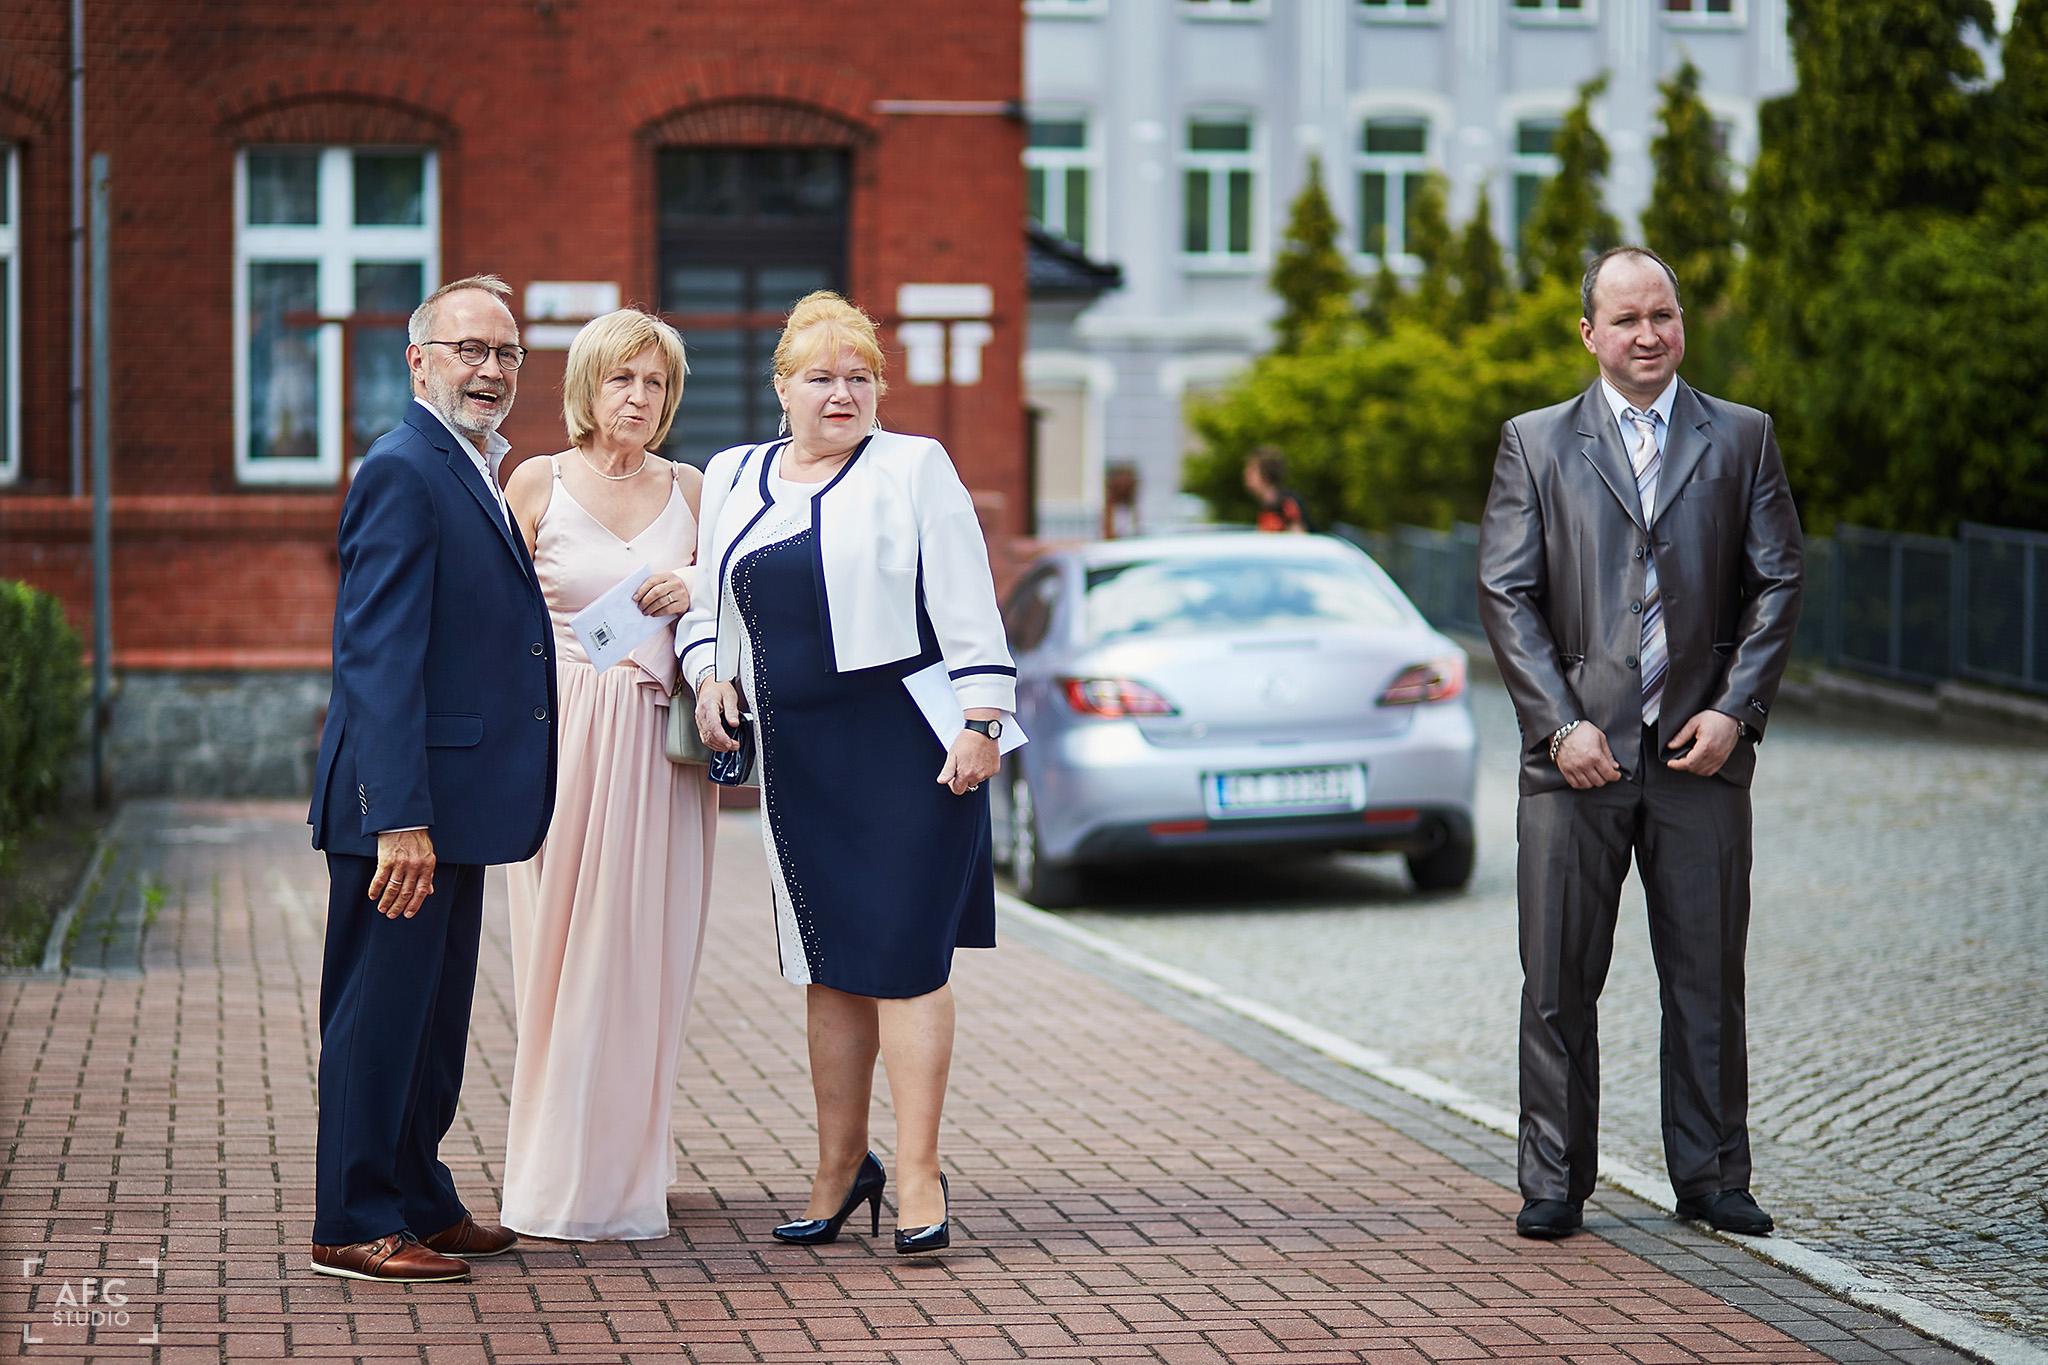 rodzina, wesele, ślub